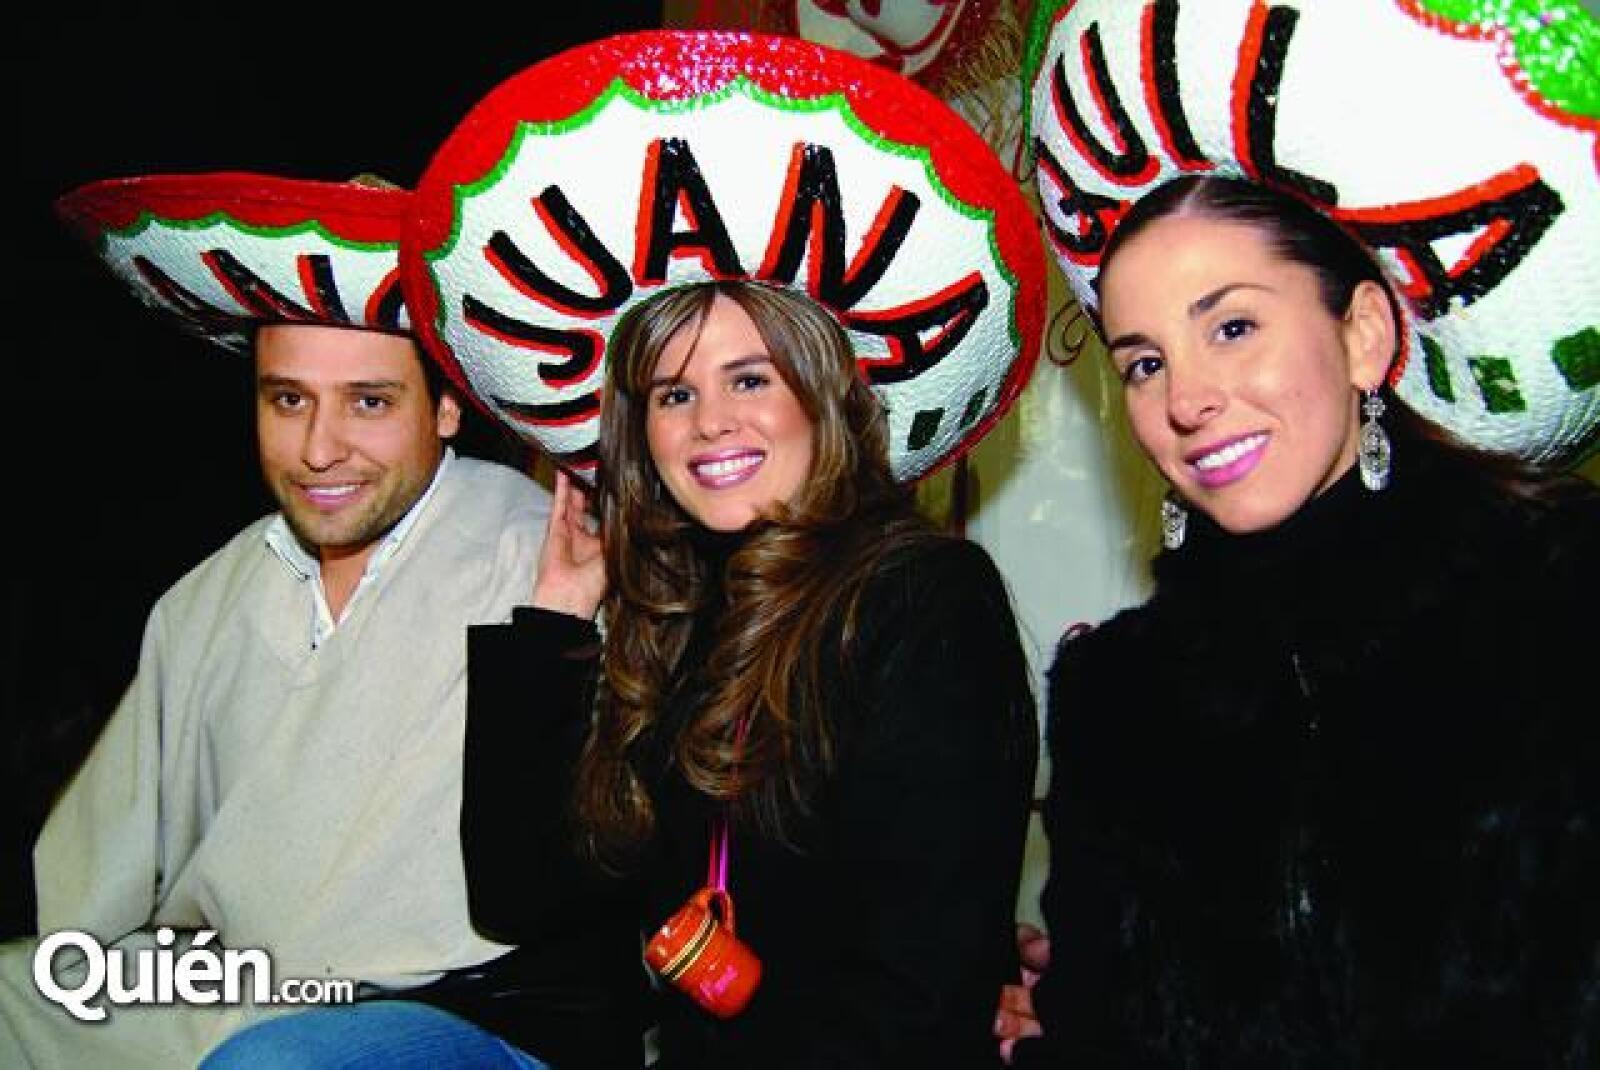 Otra de los objetivos de la Noche  Mexicana, fue mostrarle al nuevo integrante de la familia las costumbres del país. En la foto:  Javier Garay,Miriam Escobedo y Romina Bujazan